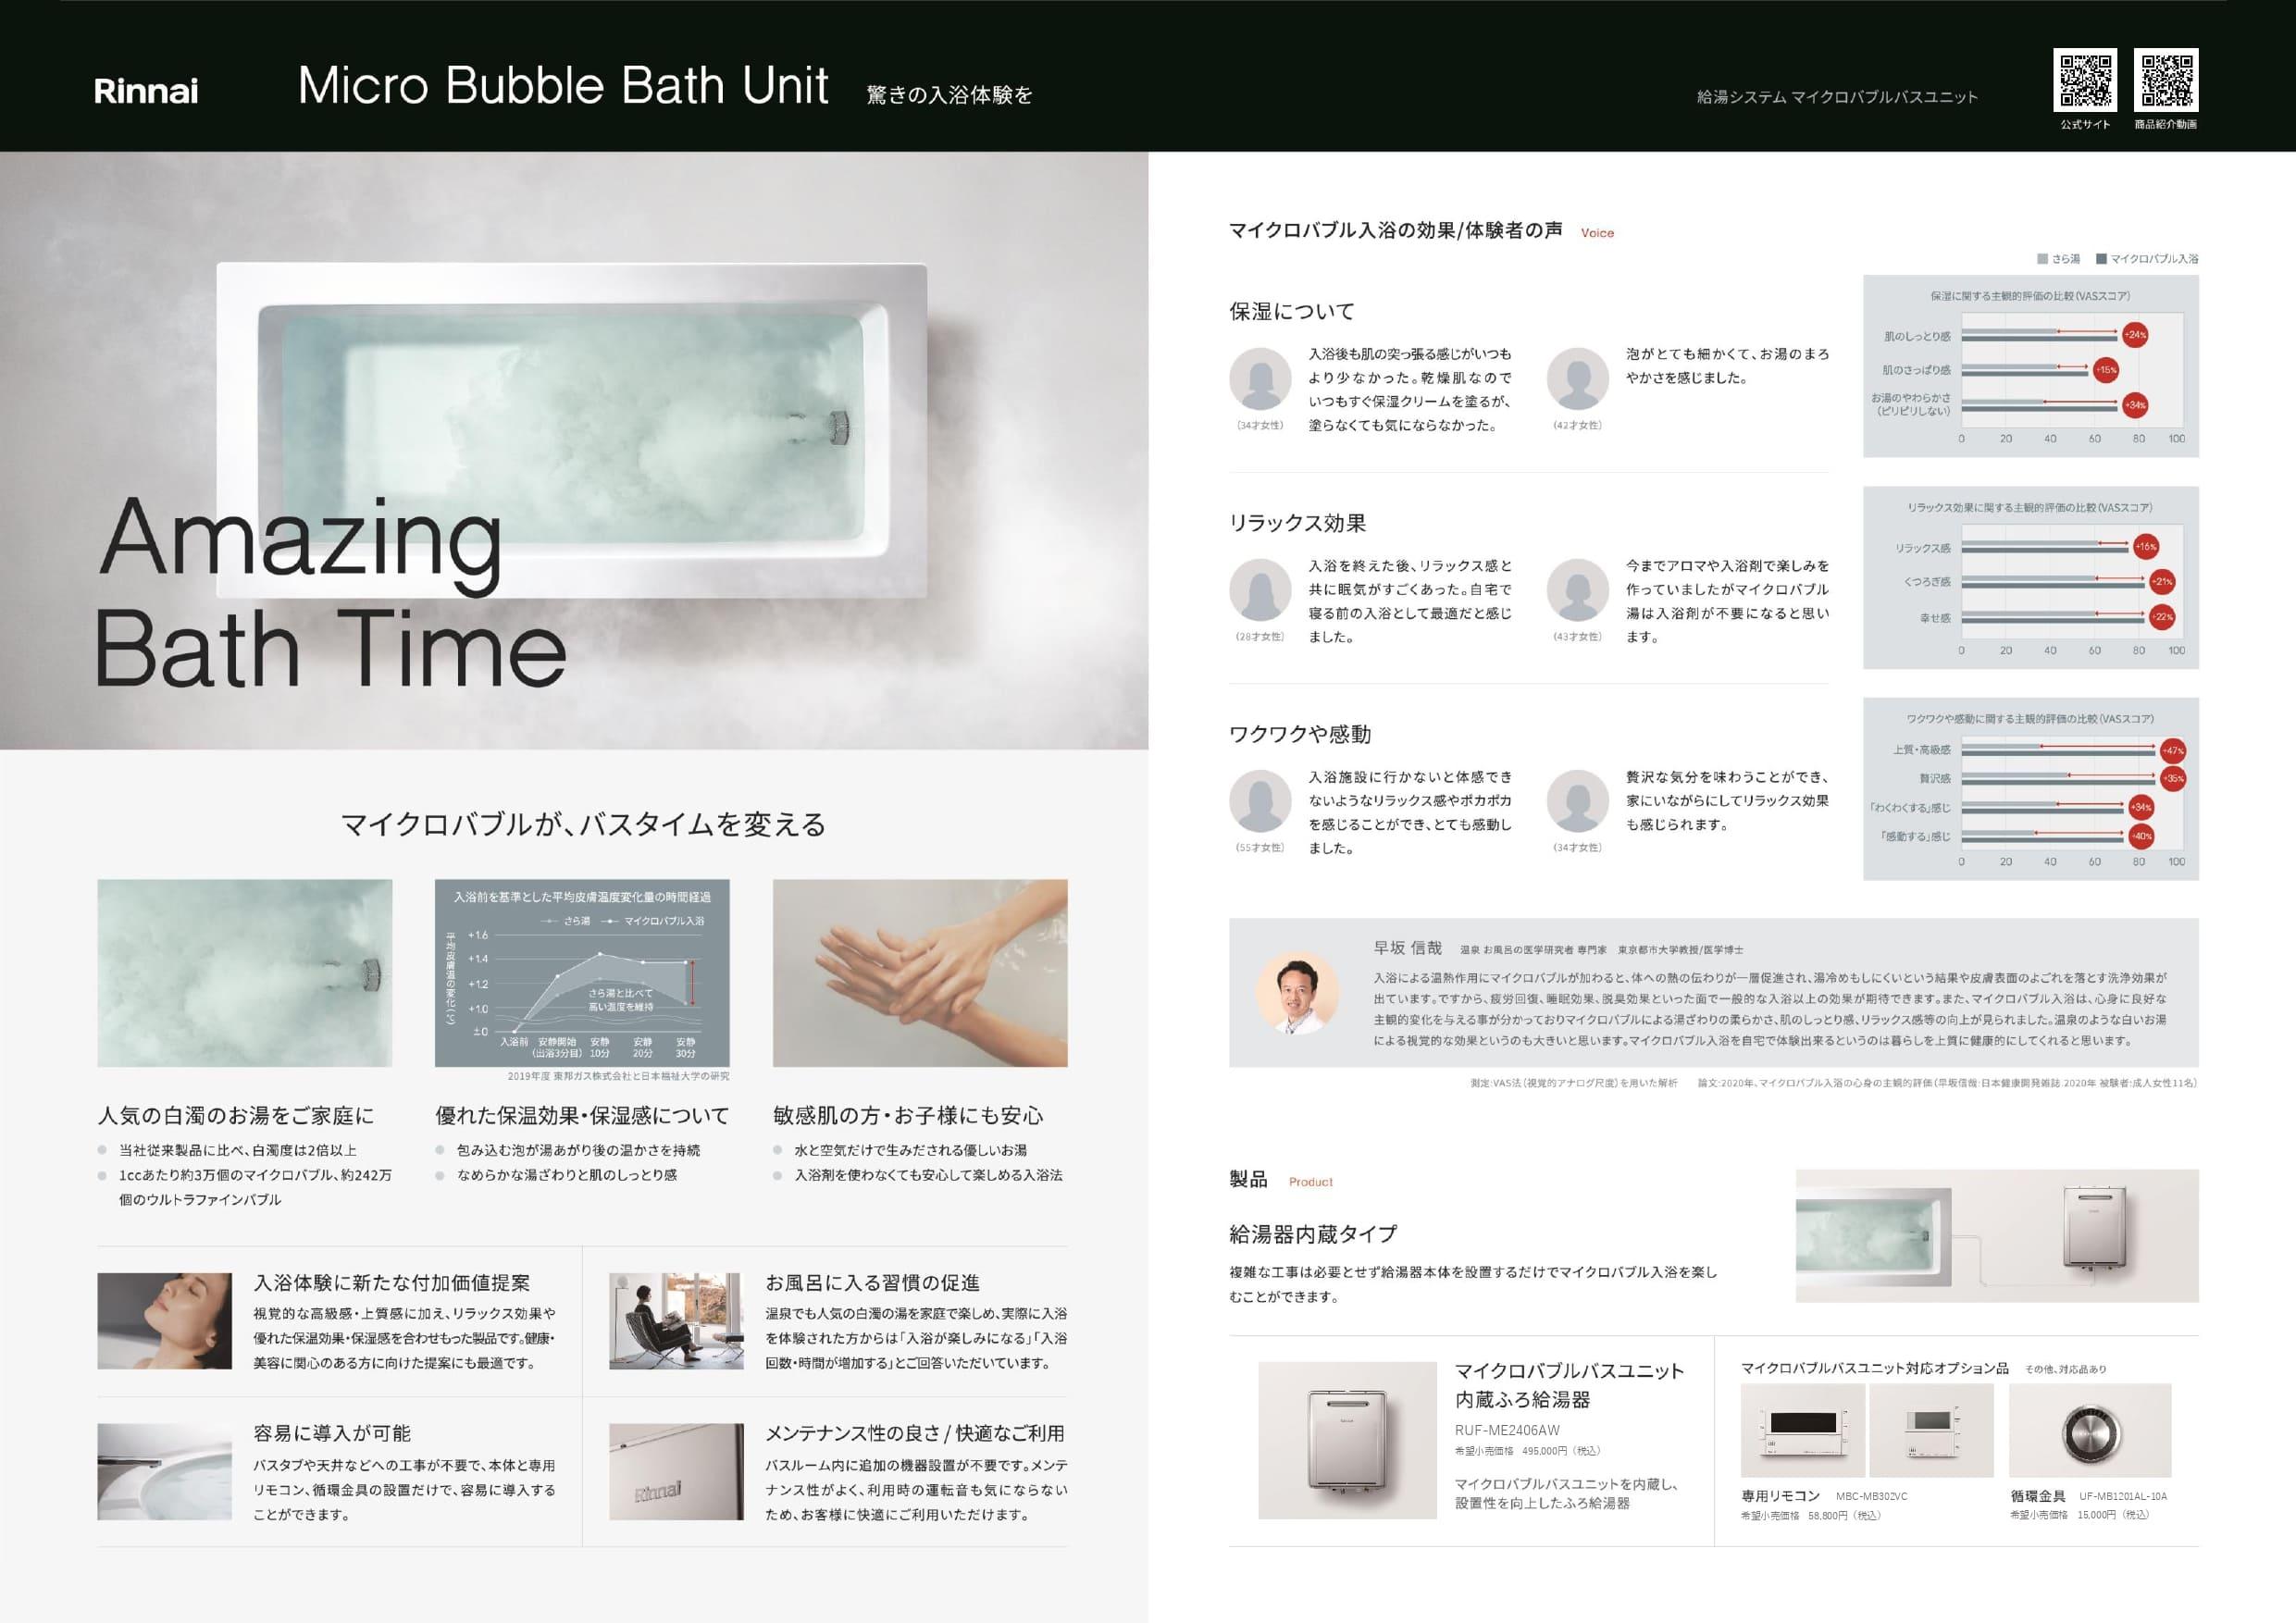 シャワーもマイクロバブルになりますか?